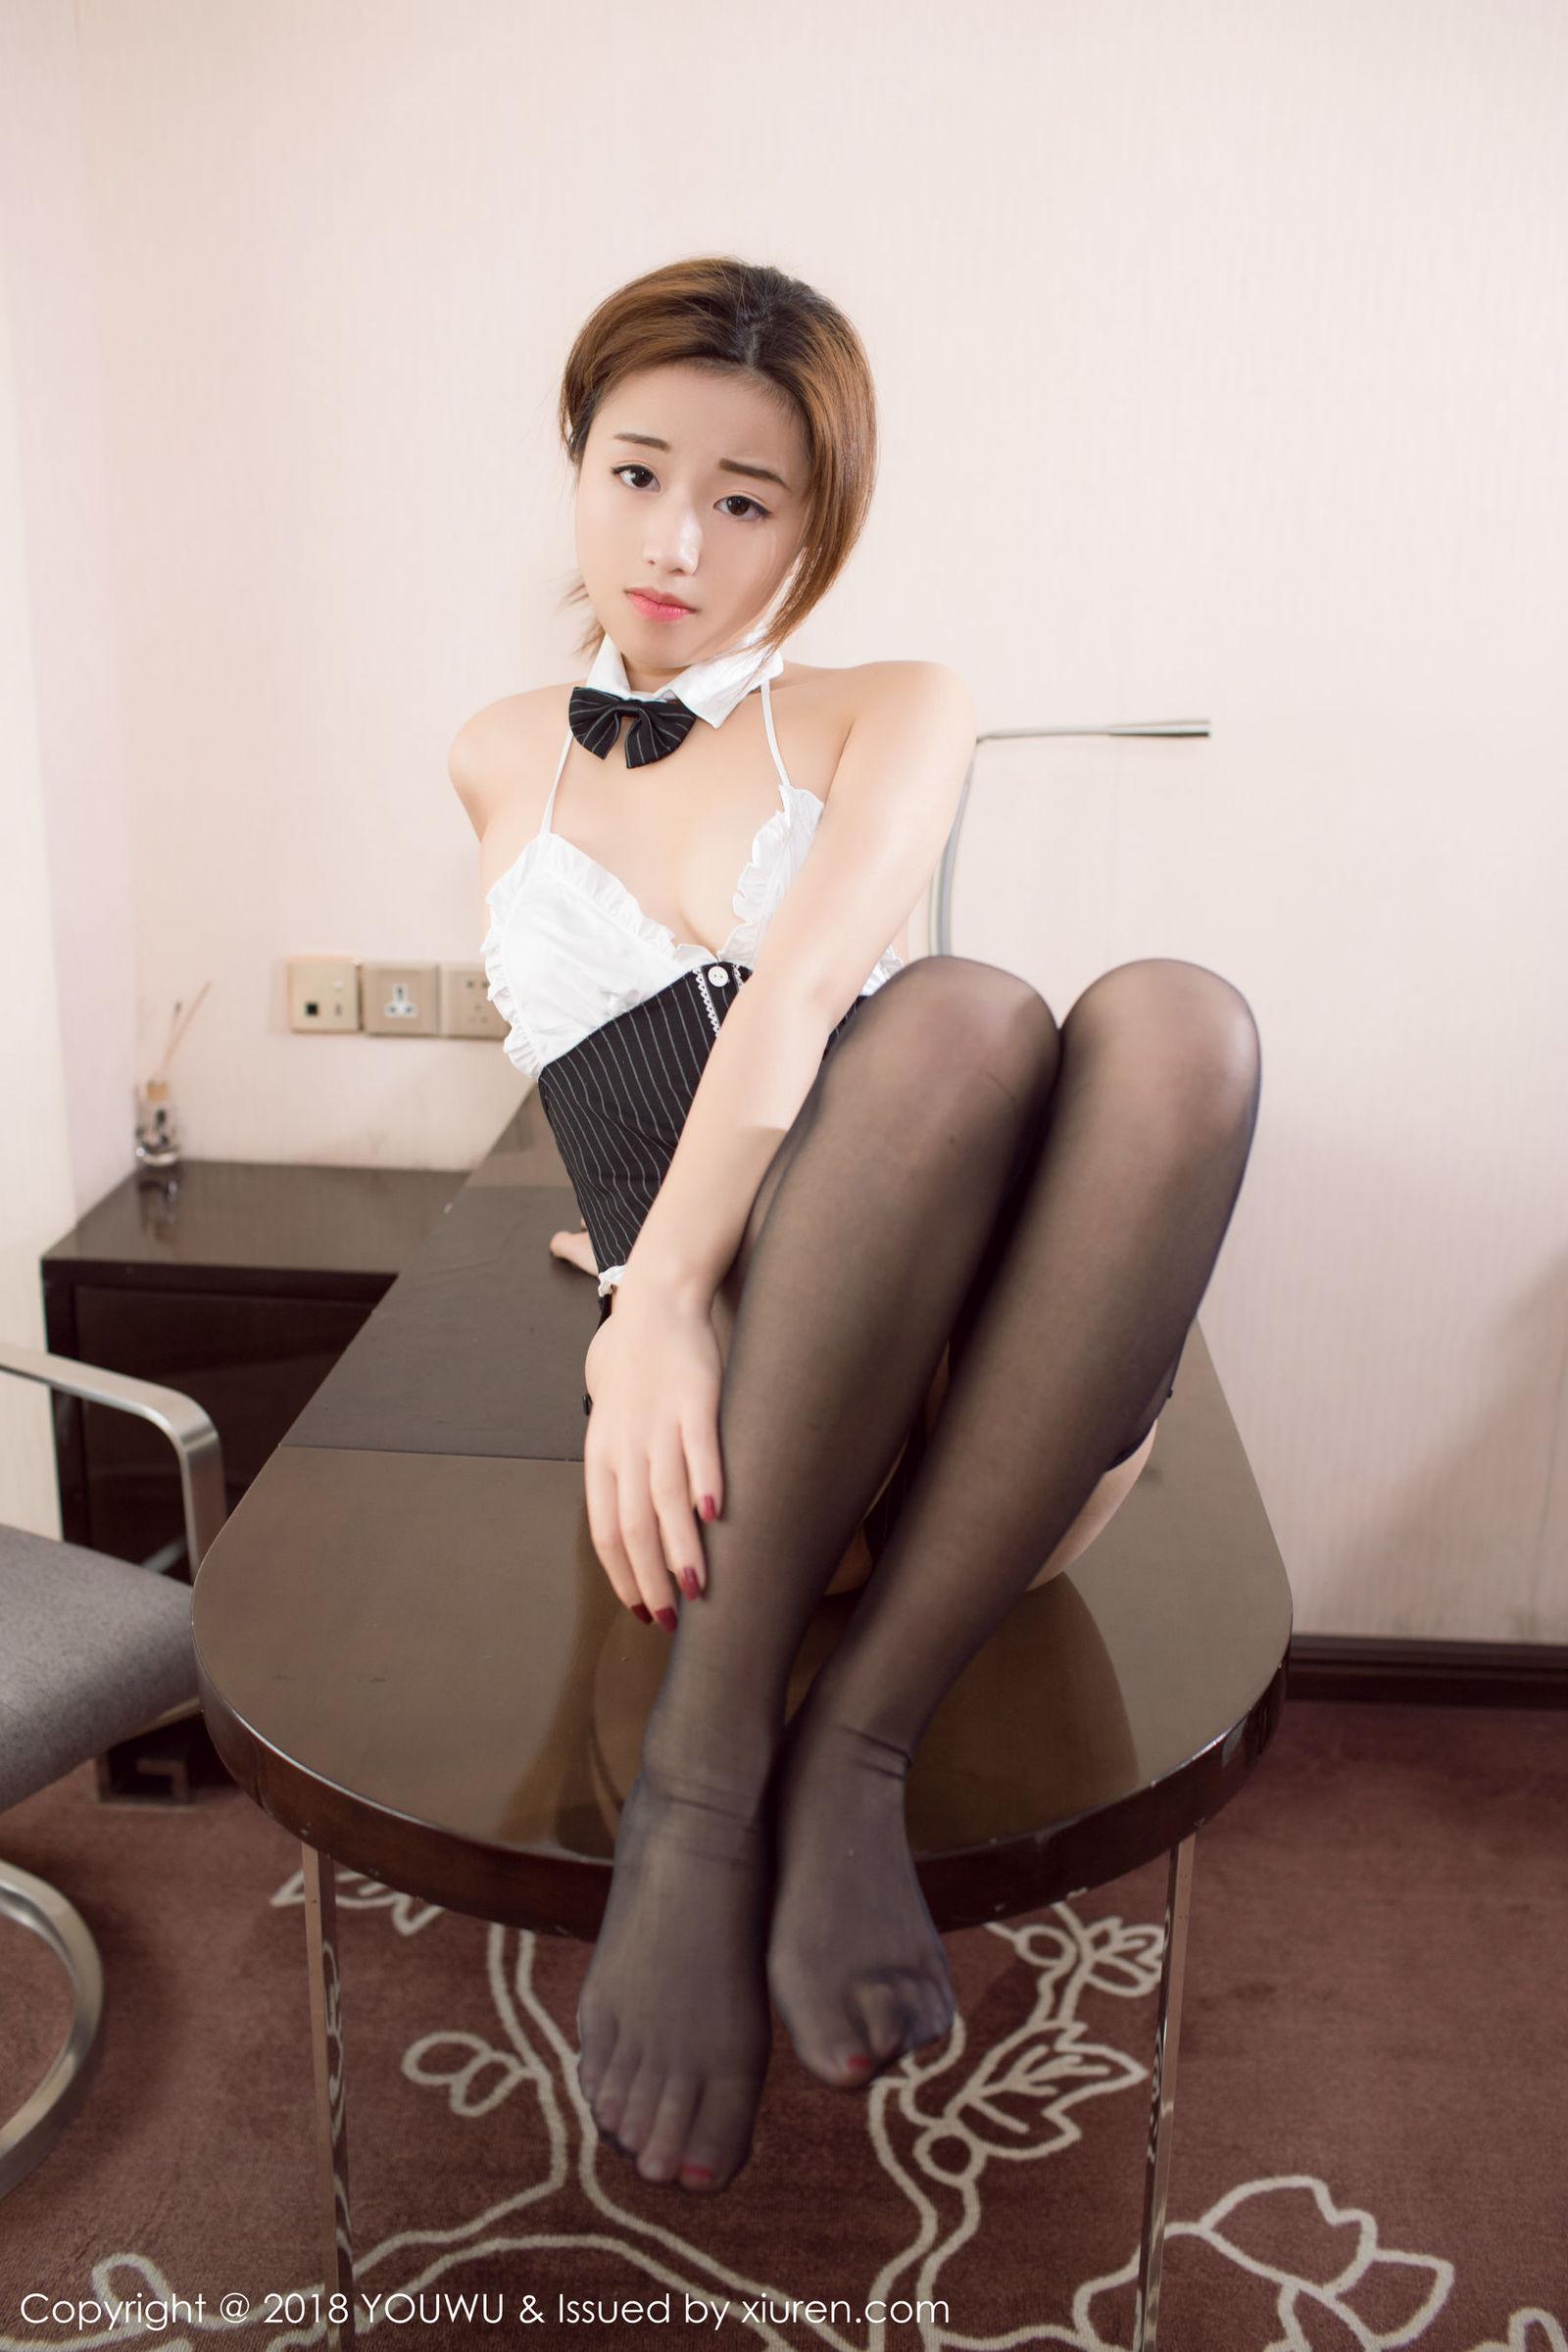 仓井优香 - 黑丝吊袜写真